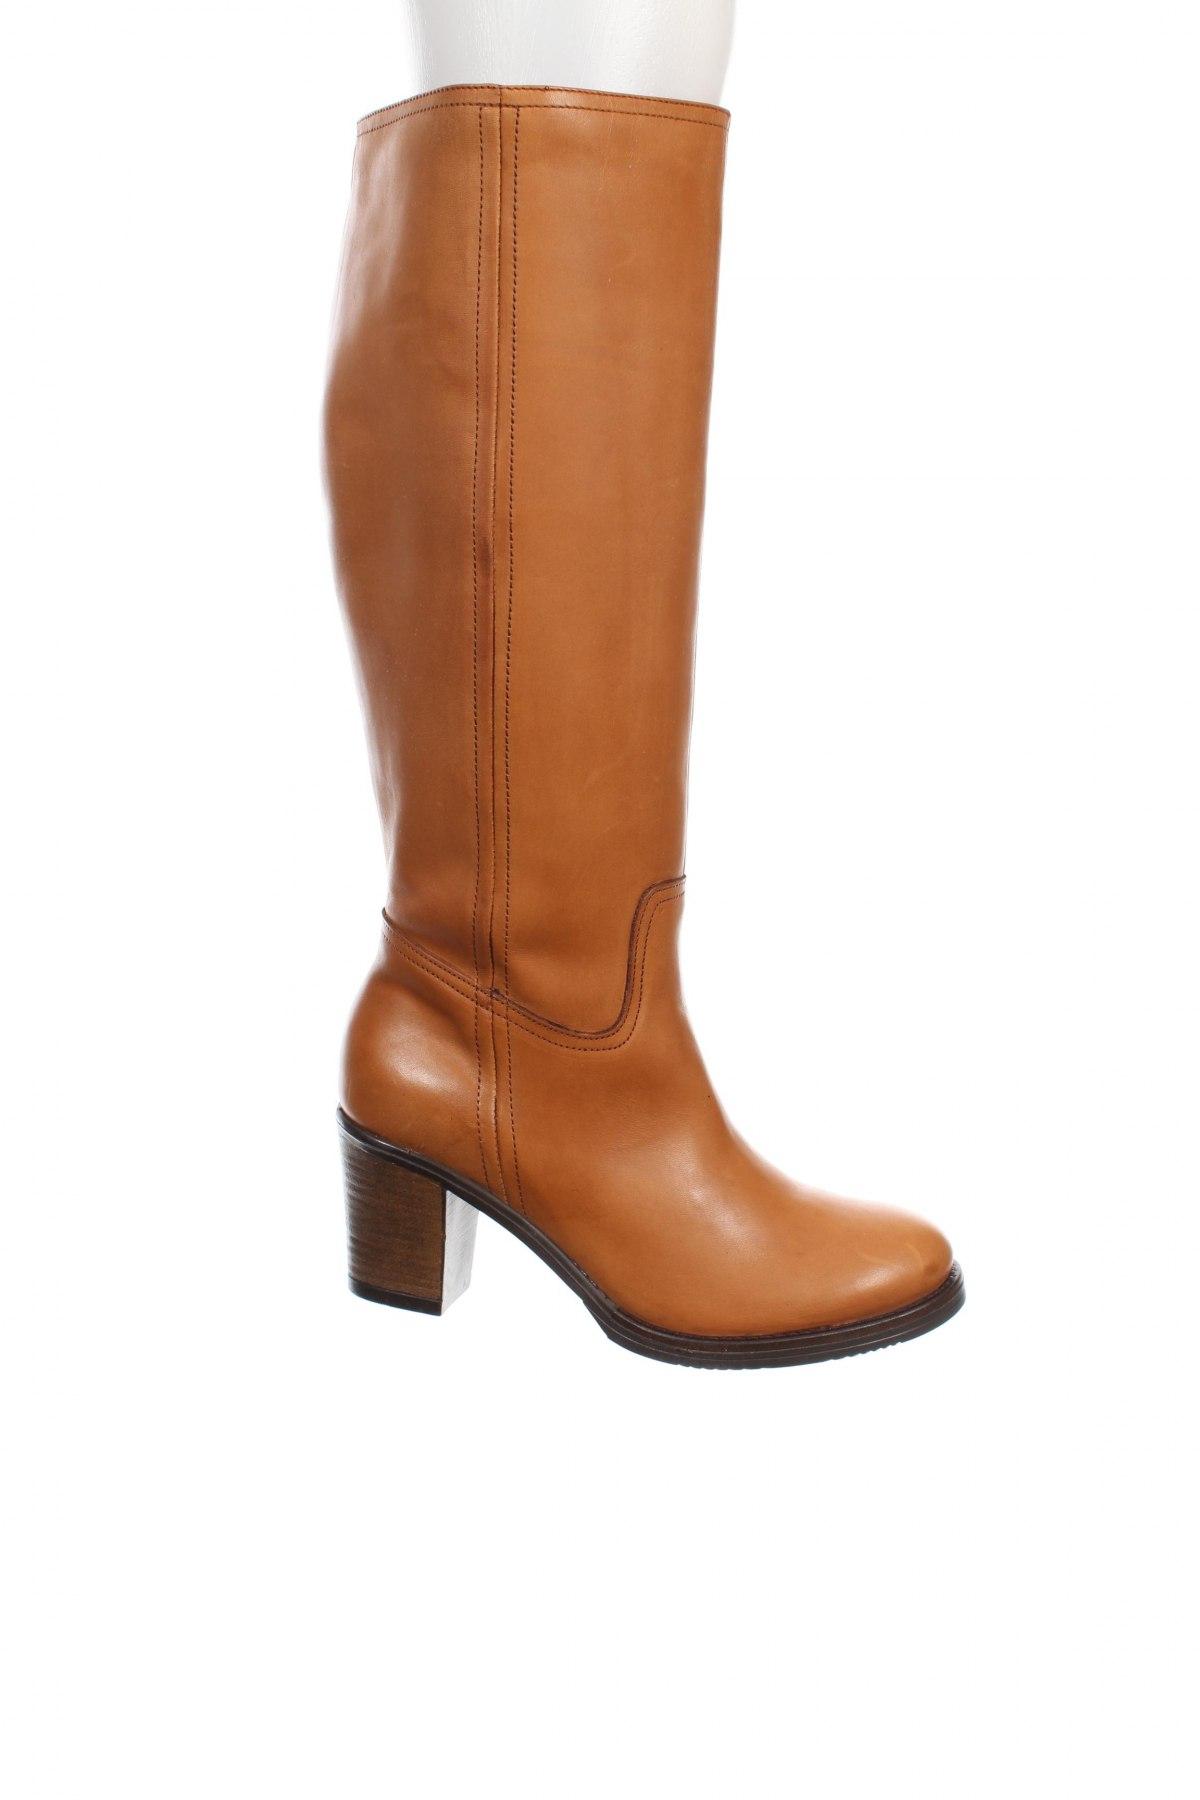 0b047ef77c57 Dámske topánky Buffalo - za výhodnú cenu na Remix -  103774422